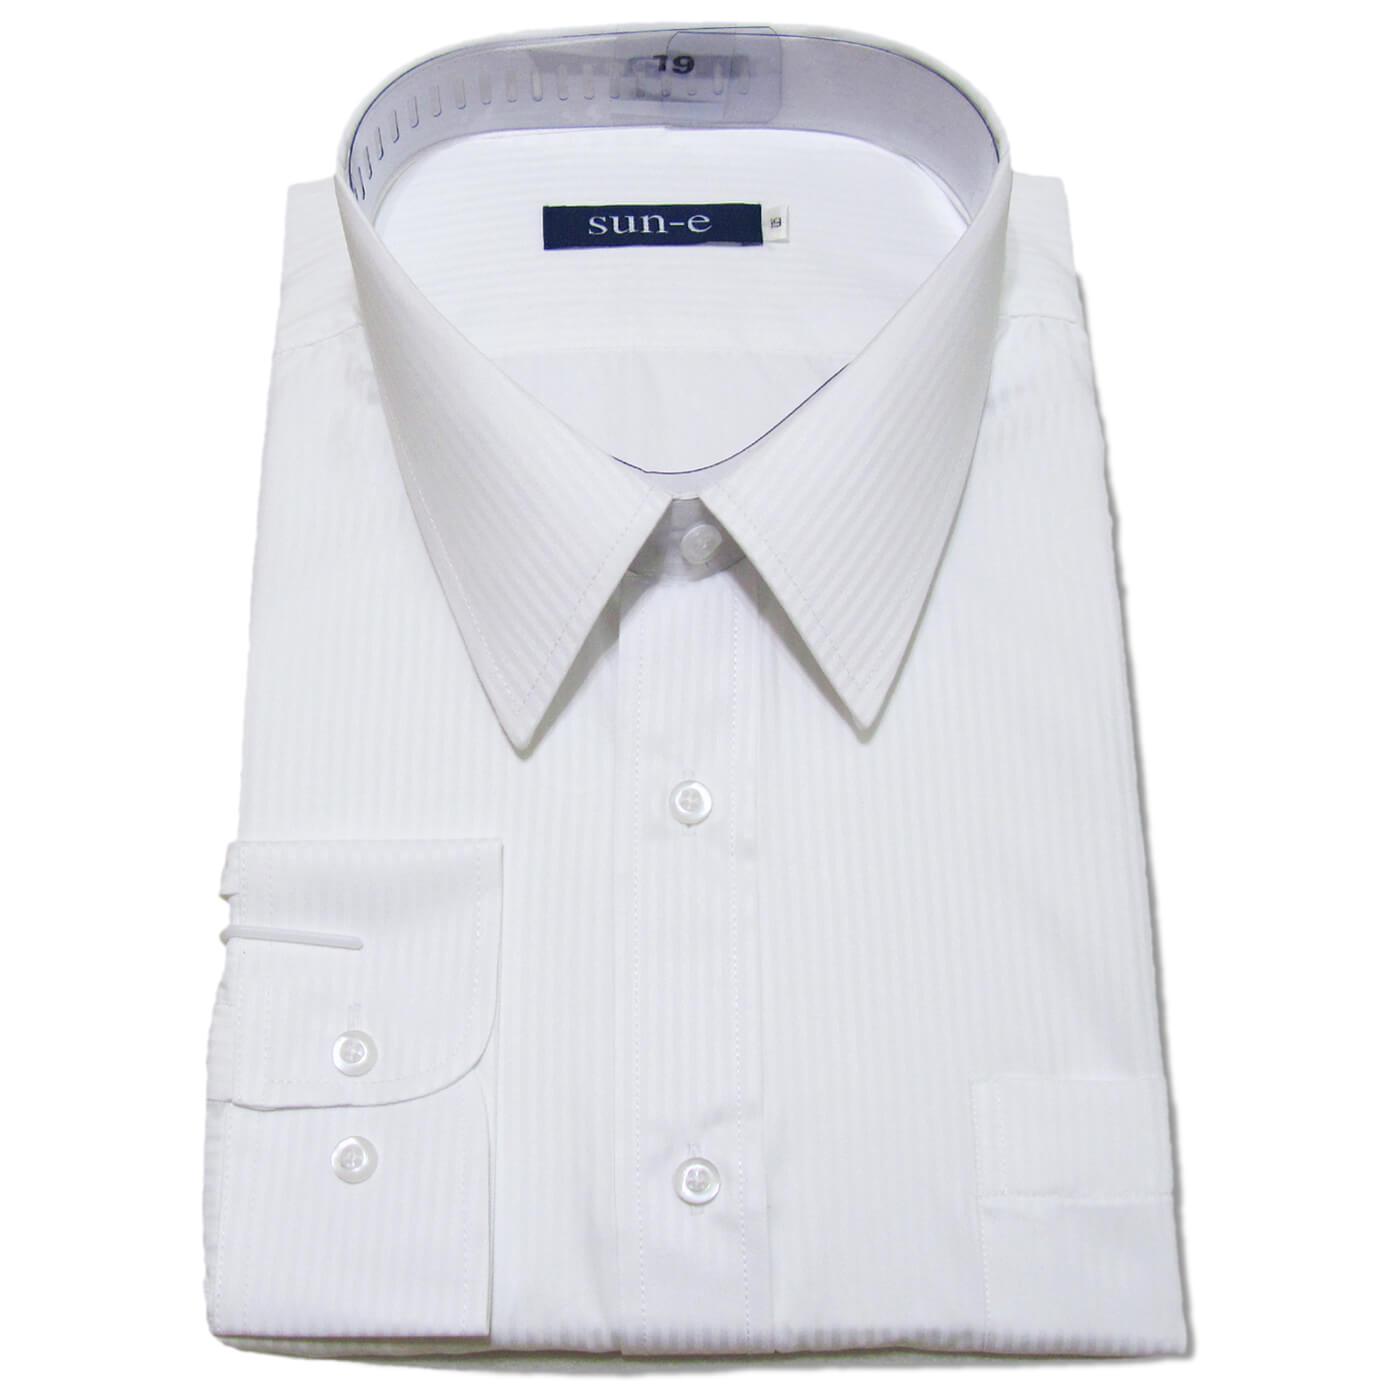 長袖條紋襯衫 標準襯衫 上班族襯衫 正式場合襯衫 商務襯衫 面試襯衫 柔棉舒適不皺免燙長袖襯衫 一般及加大尺碼襯衫 五種顏色可供選擇(335-701-01)白色襯衫、(335-703-09)淺藍色襯衫、(335-707-22)灰色襯衫、(335-710-14)淺黃色襯衫、(335-711-21)黑色襯衫 [實體店面保障] sun-e 1